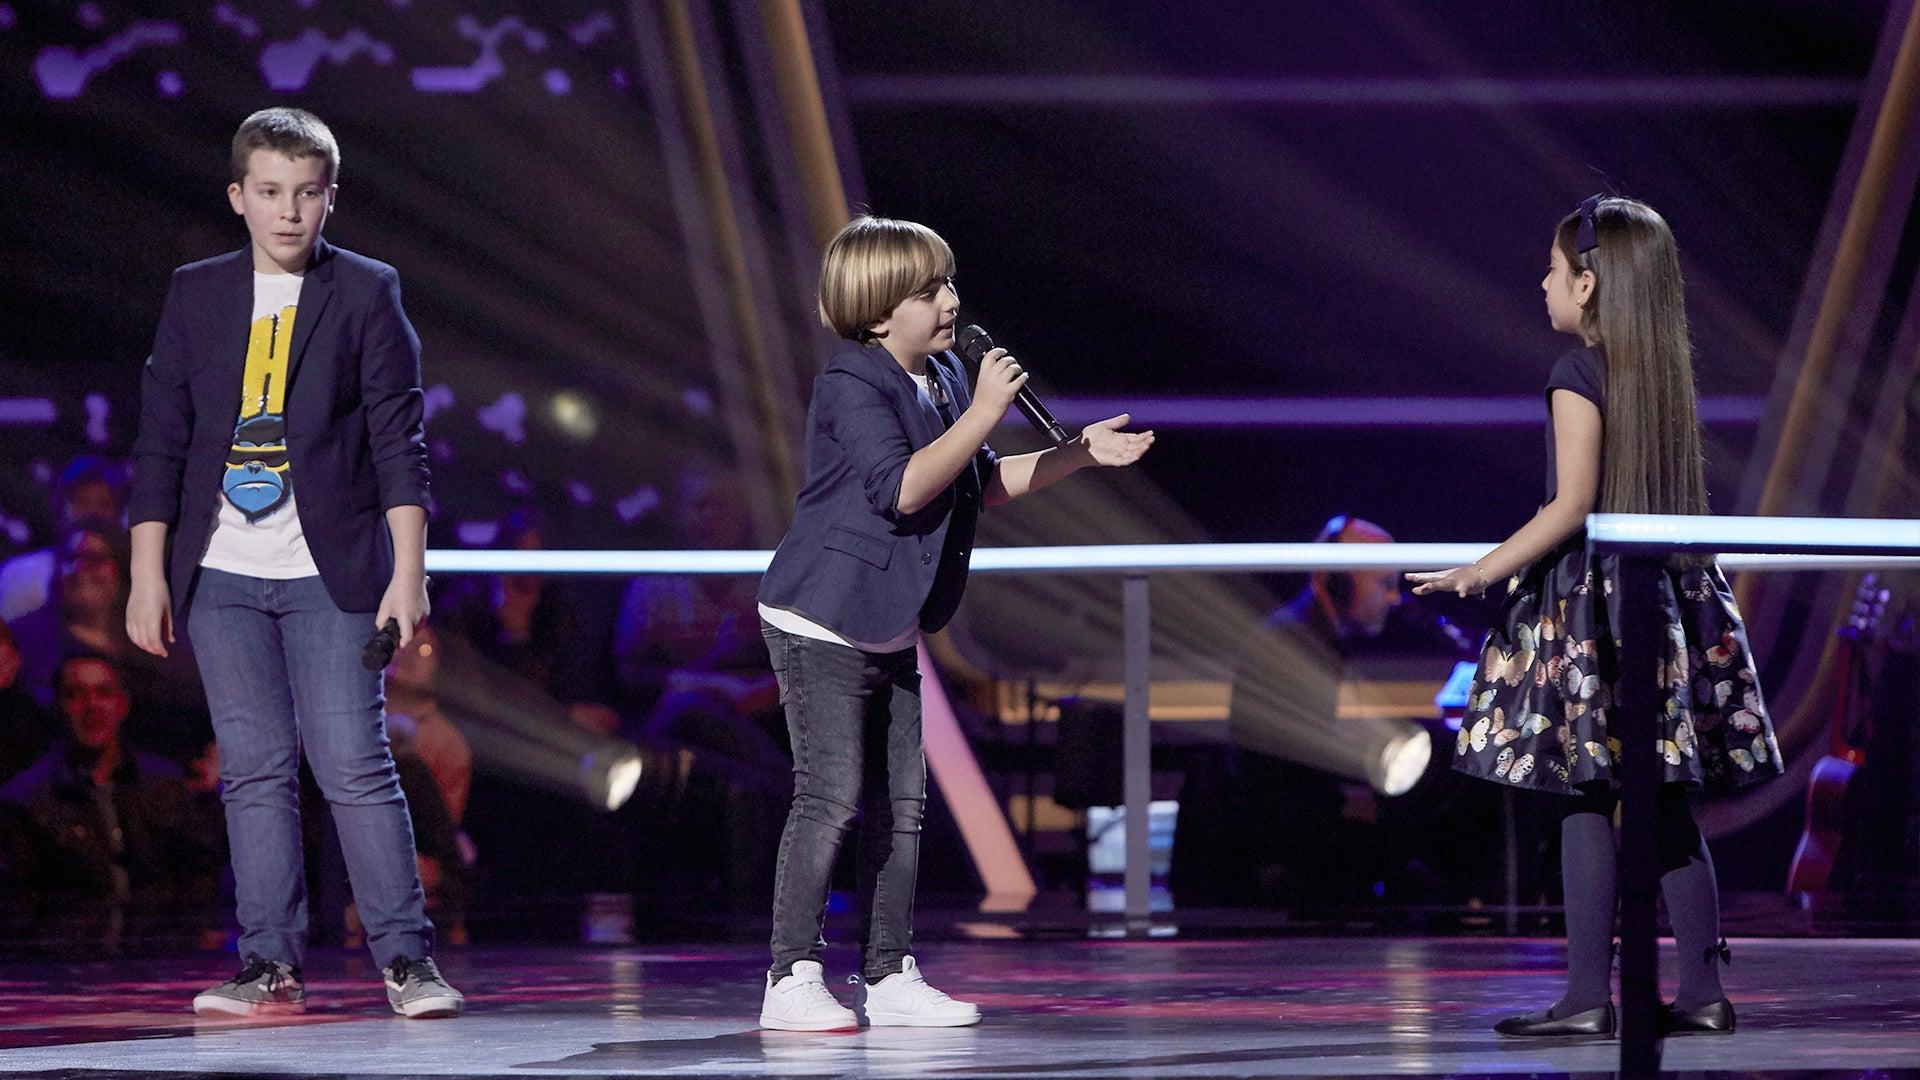 La tele con Monegal: Jesús, la estrella de 'La voz kids'